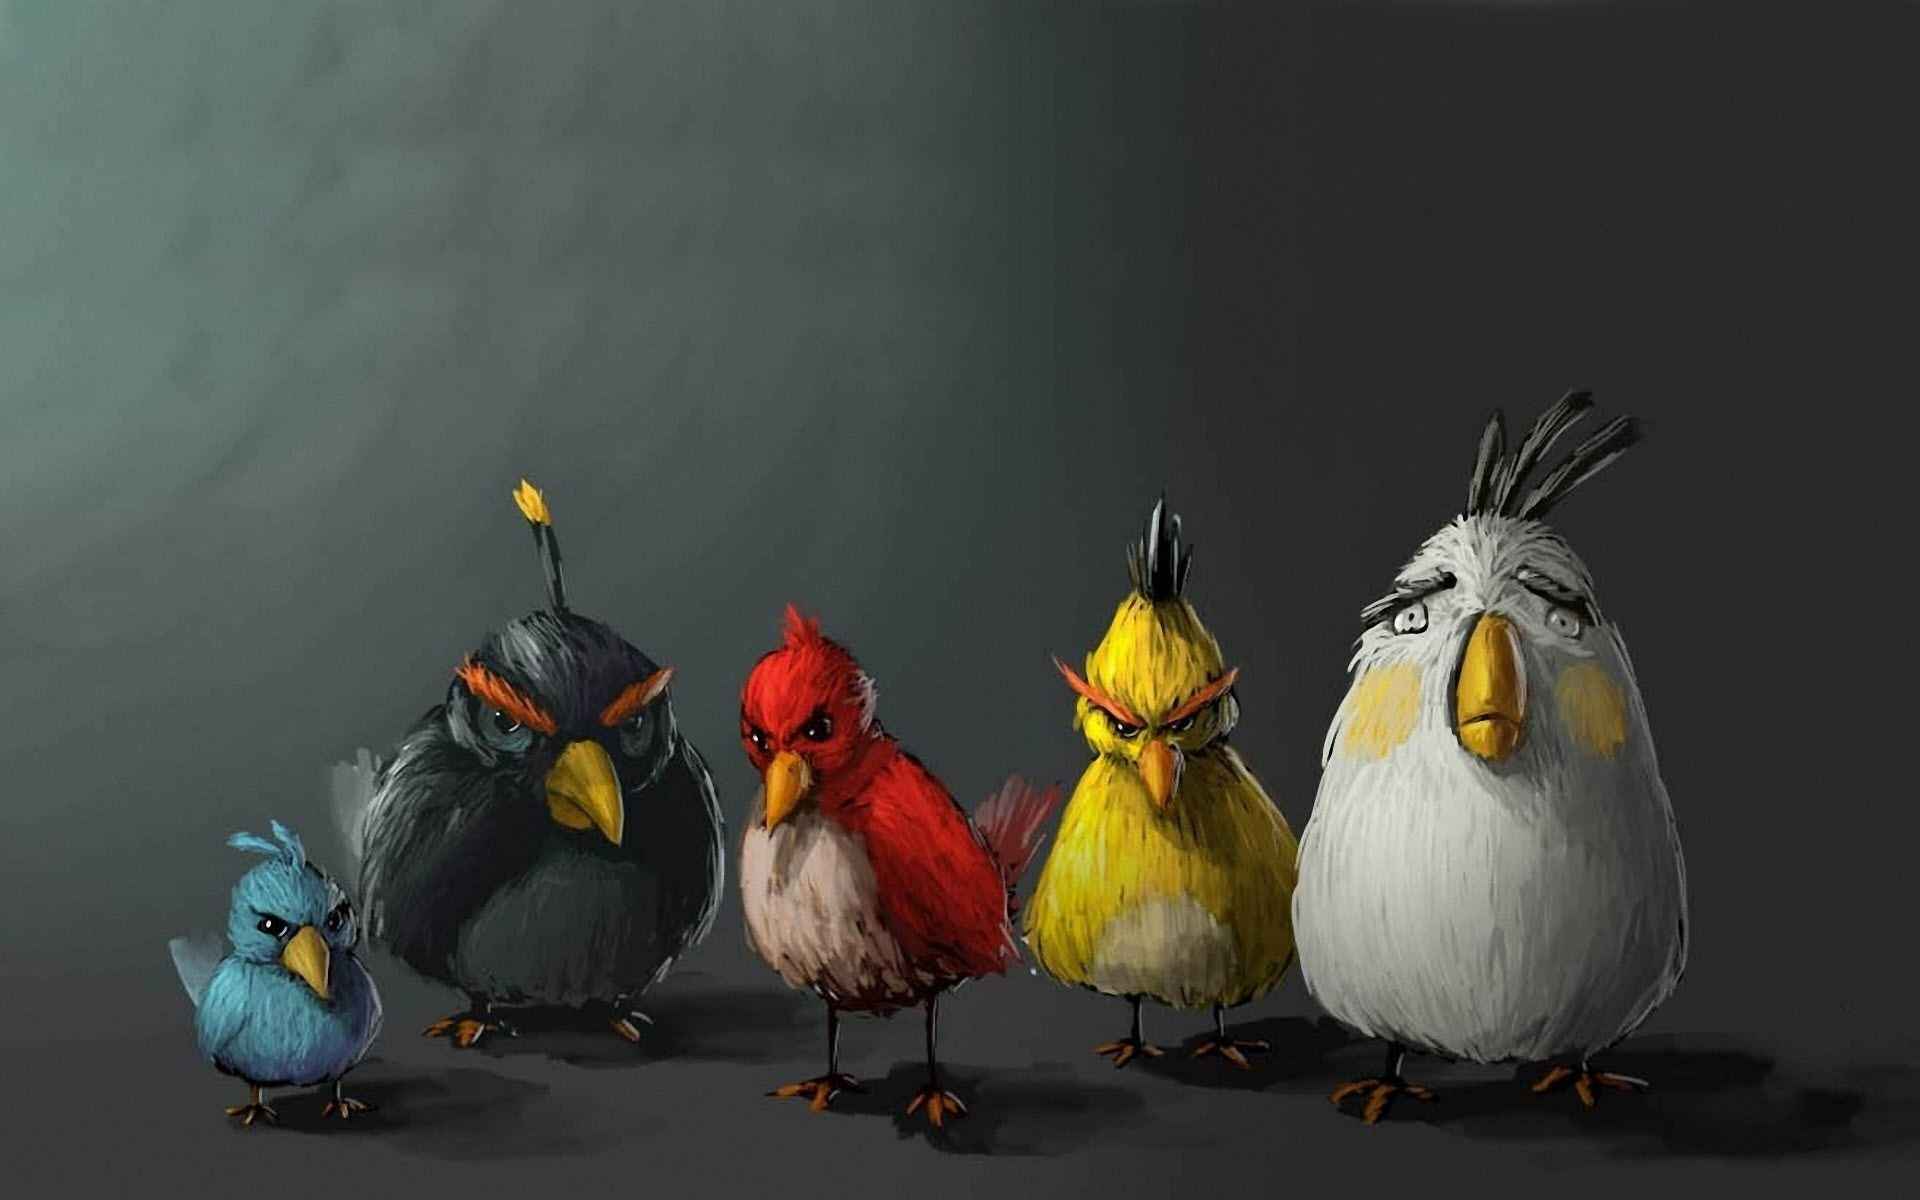 Hình nền Angry Bird cho máy tính